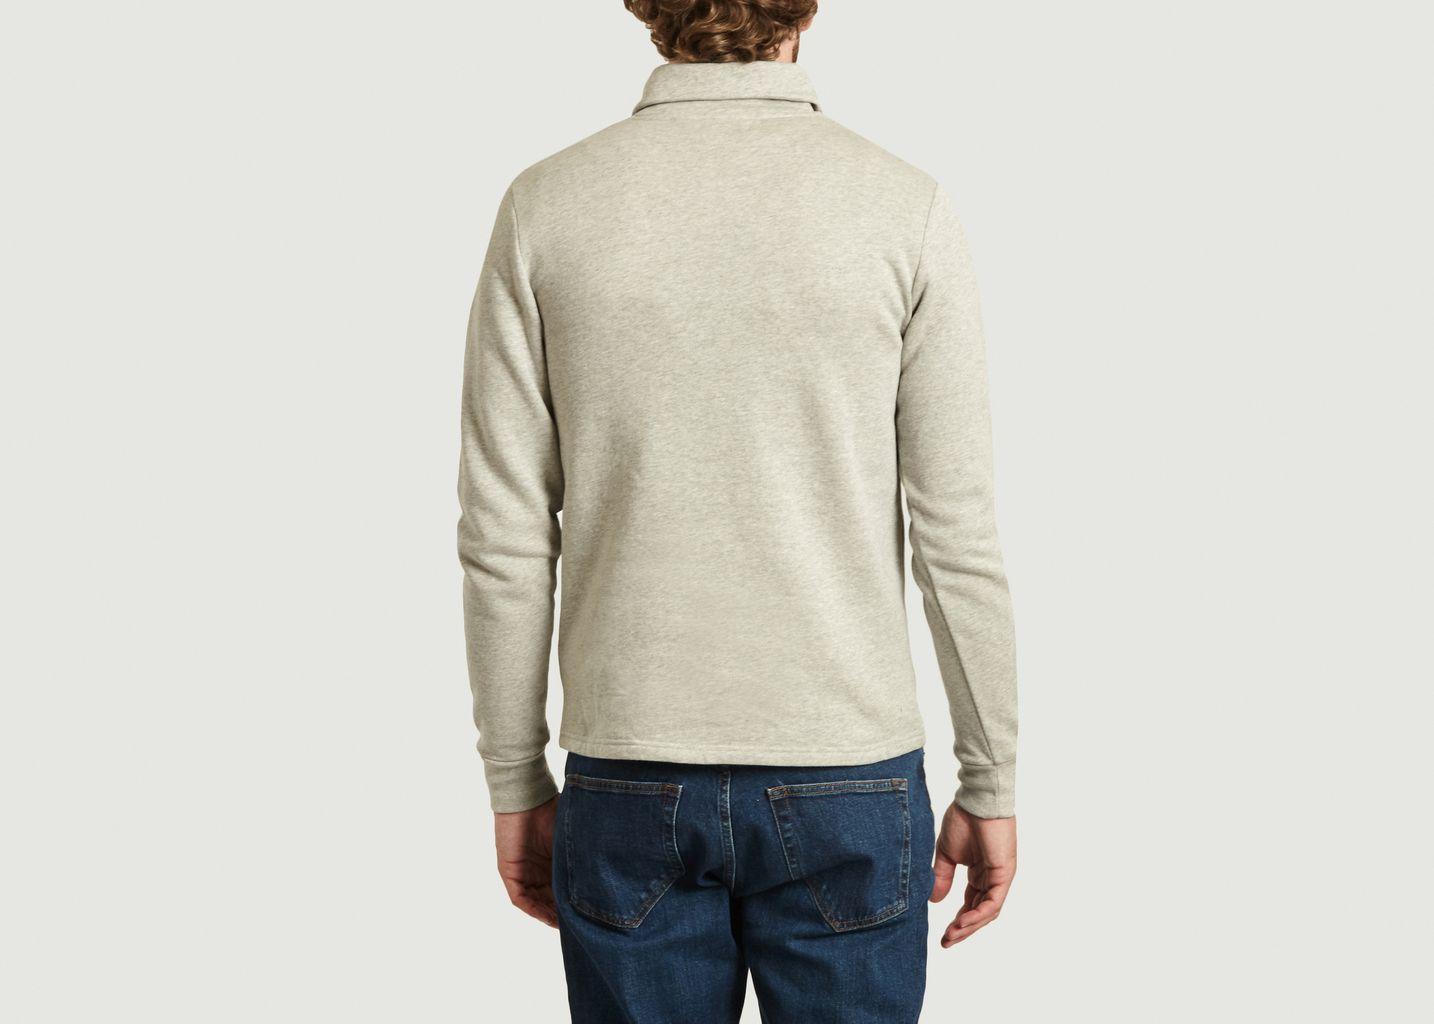 Sweatshirt Altitude - Olow